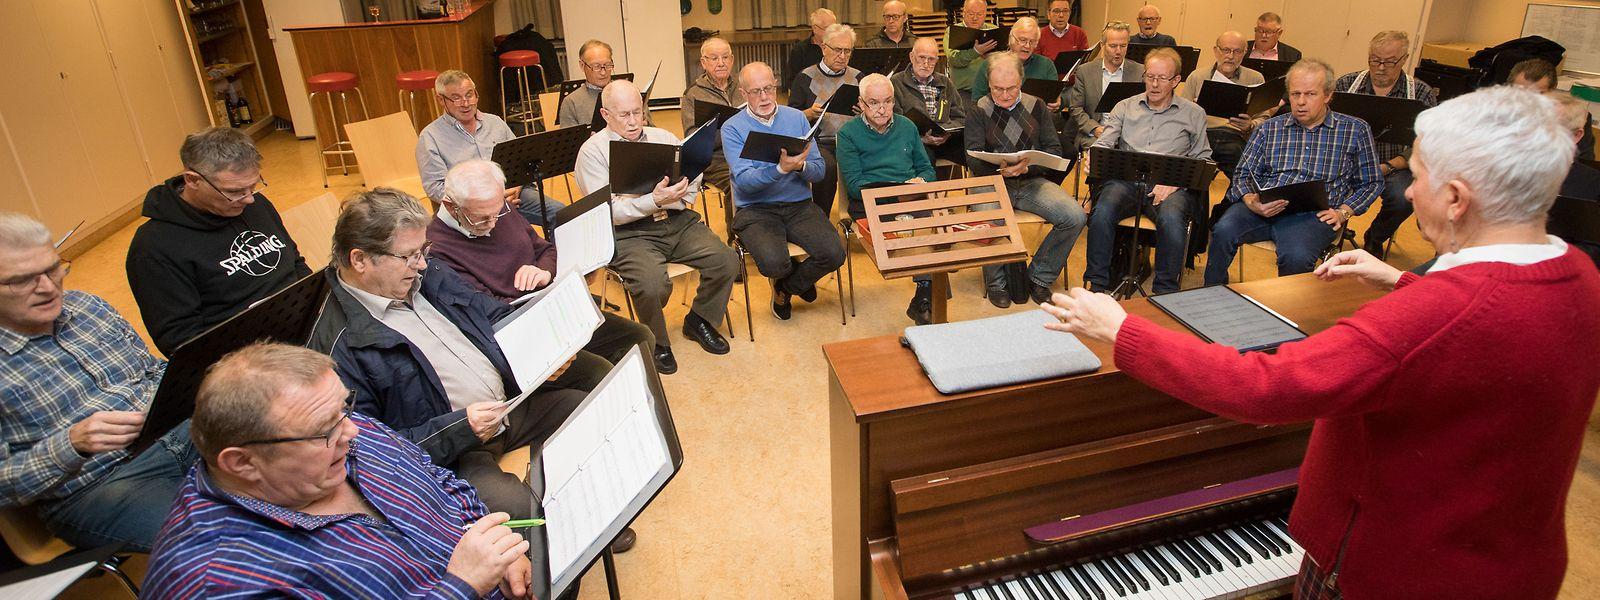 Dirigentin und Pianistin Josée Faltz-Wilmes ist dem Chor seit 50 Jahren verbunden.